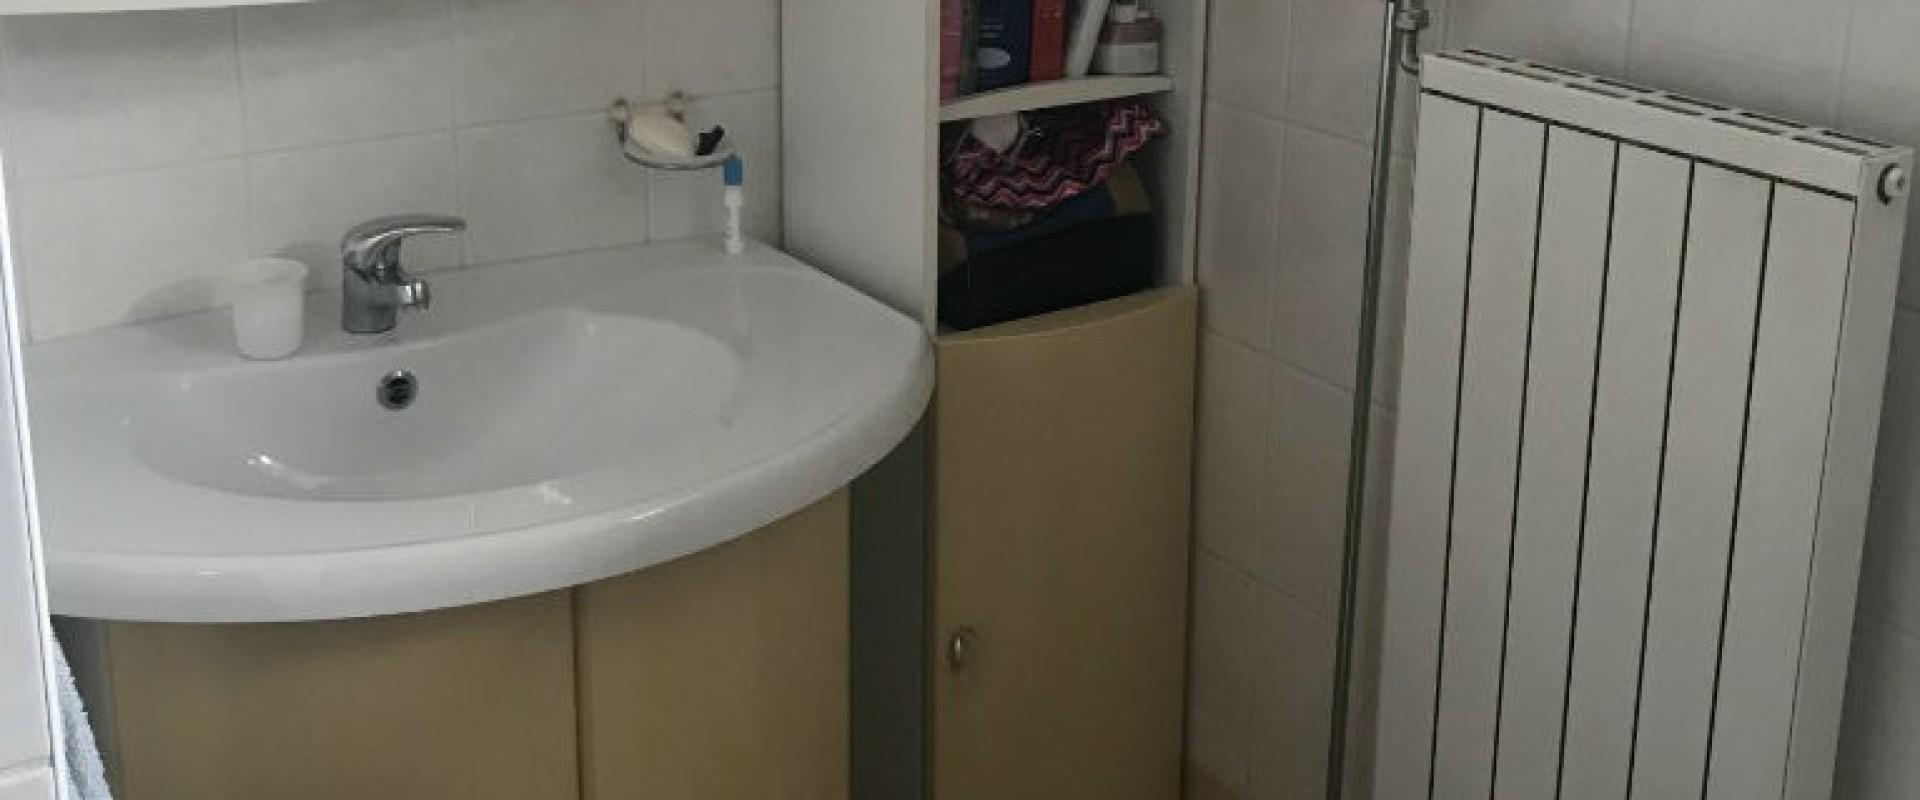 Een droom van een badkamer